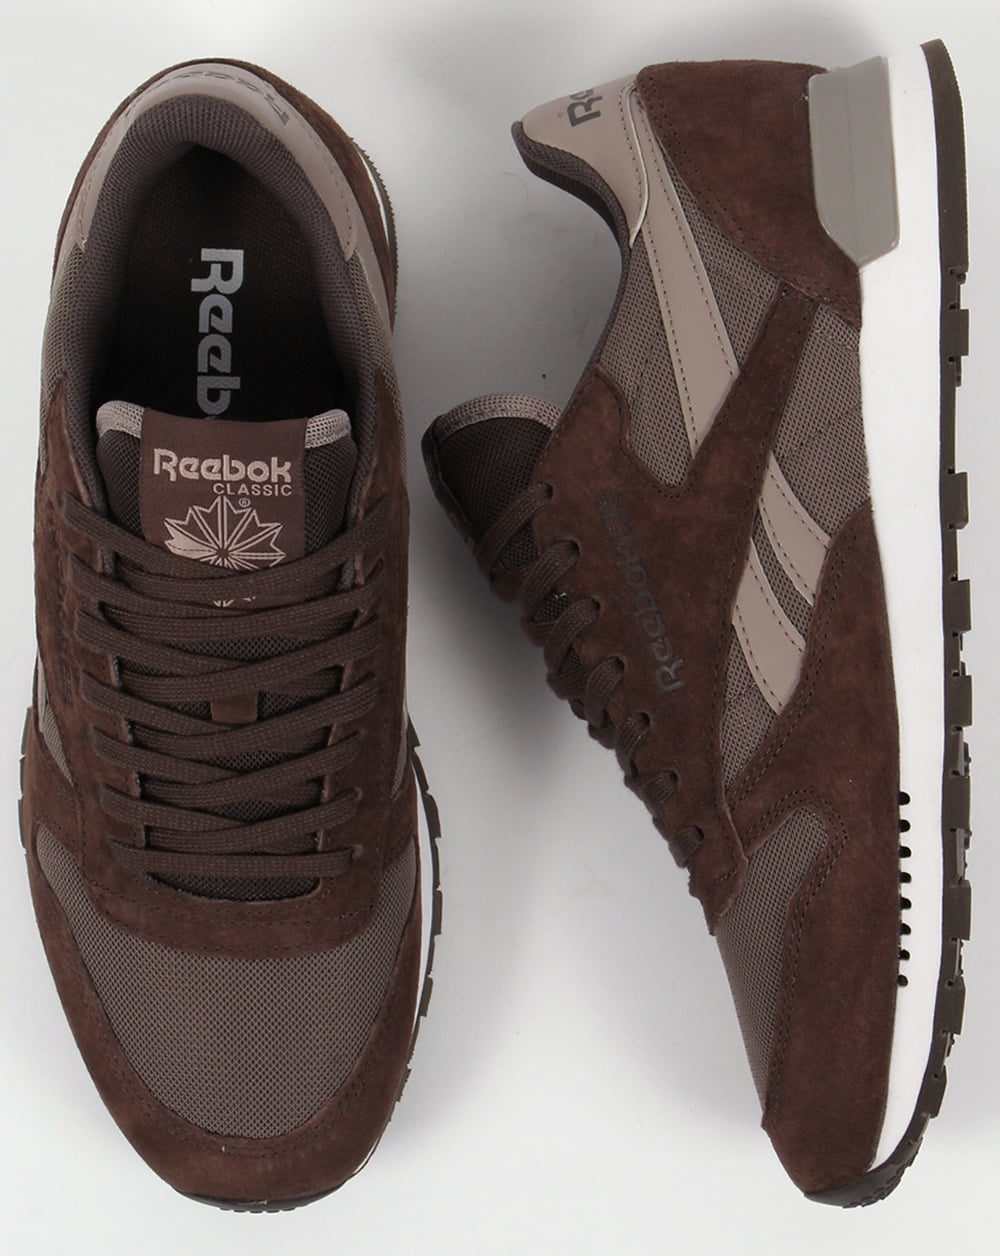 0b7e603e297 Reebok Classic Leather Clip Trainers Cliff Stone